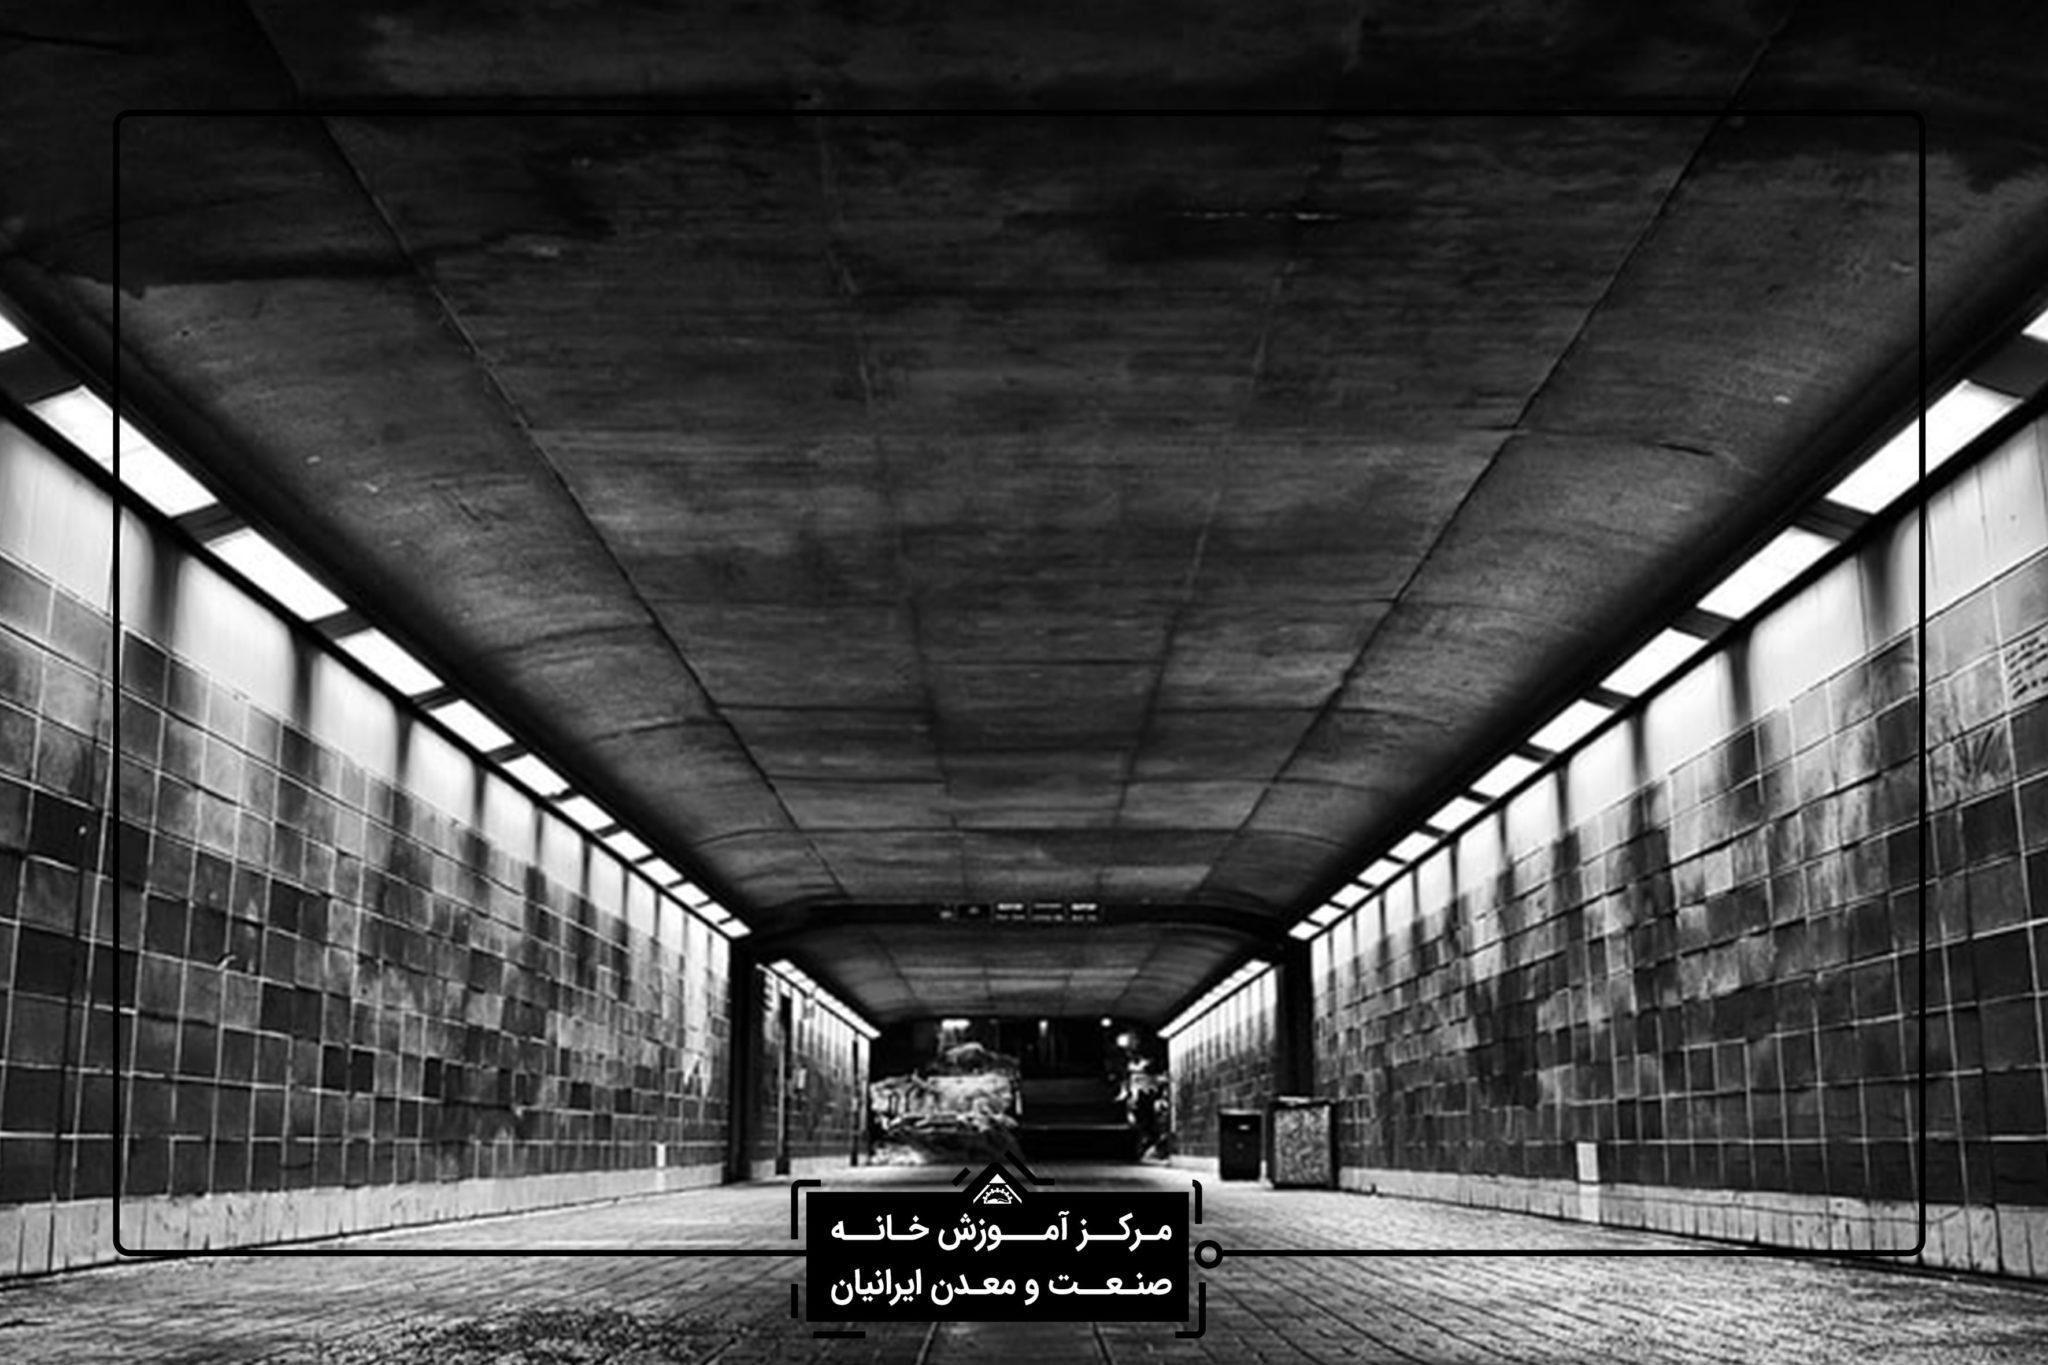 لایت روم در شیراز - آموزش عکاسی تخصصی در شیراز